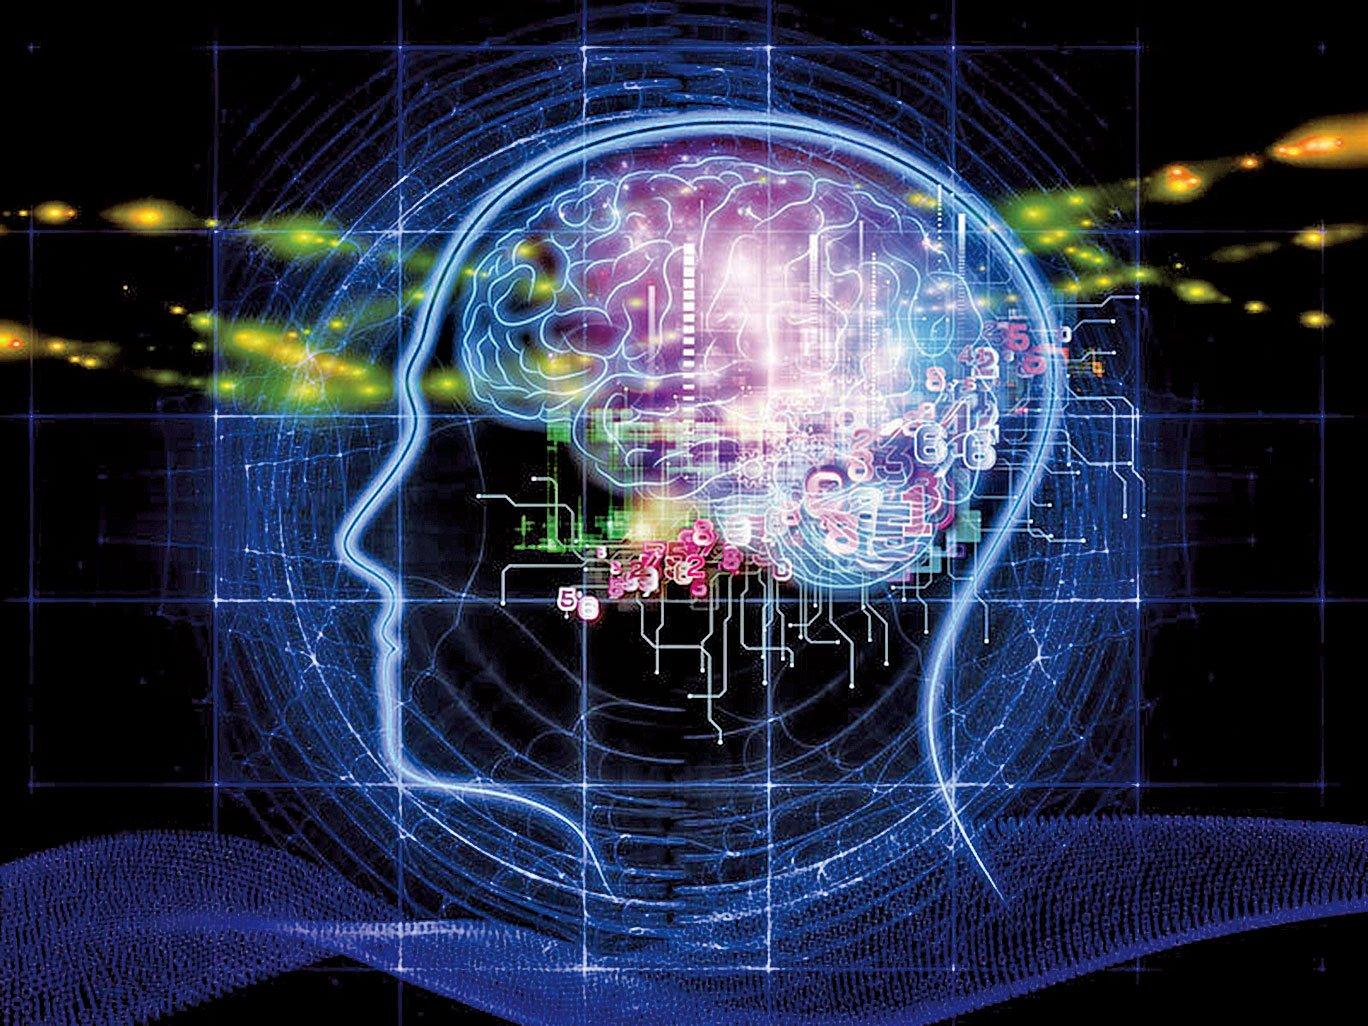 人腦的奧秘是無窮無盡的。但是,人腦只是肉體的一部份,人除了肉體,還有精神。(Flickr)